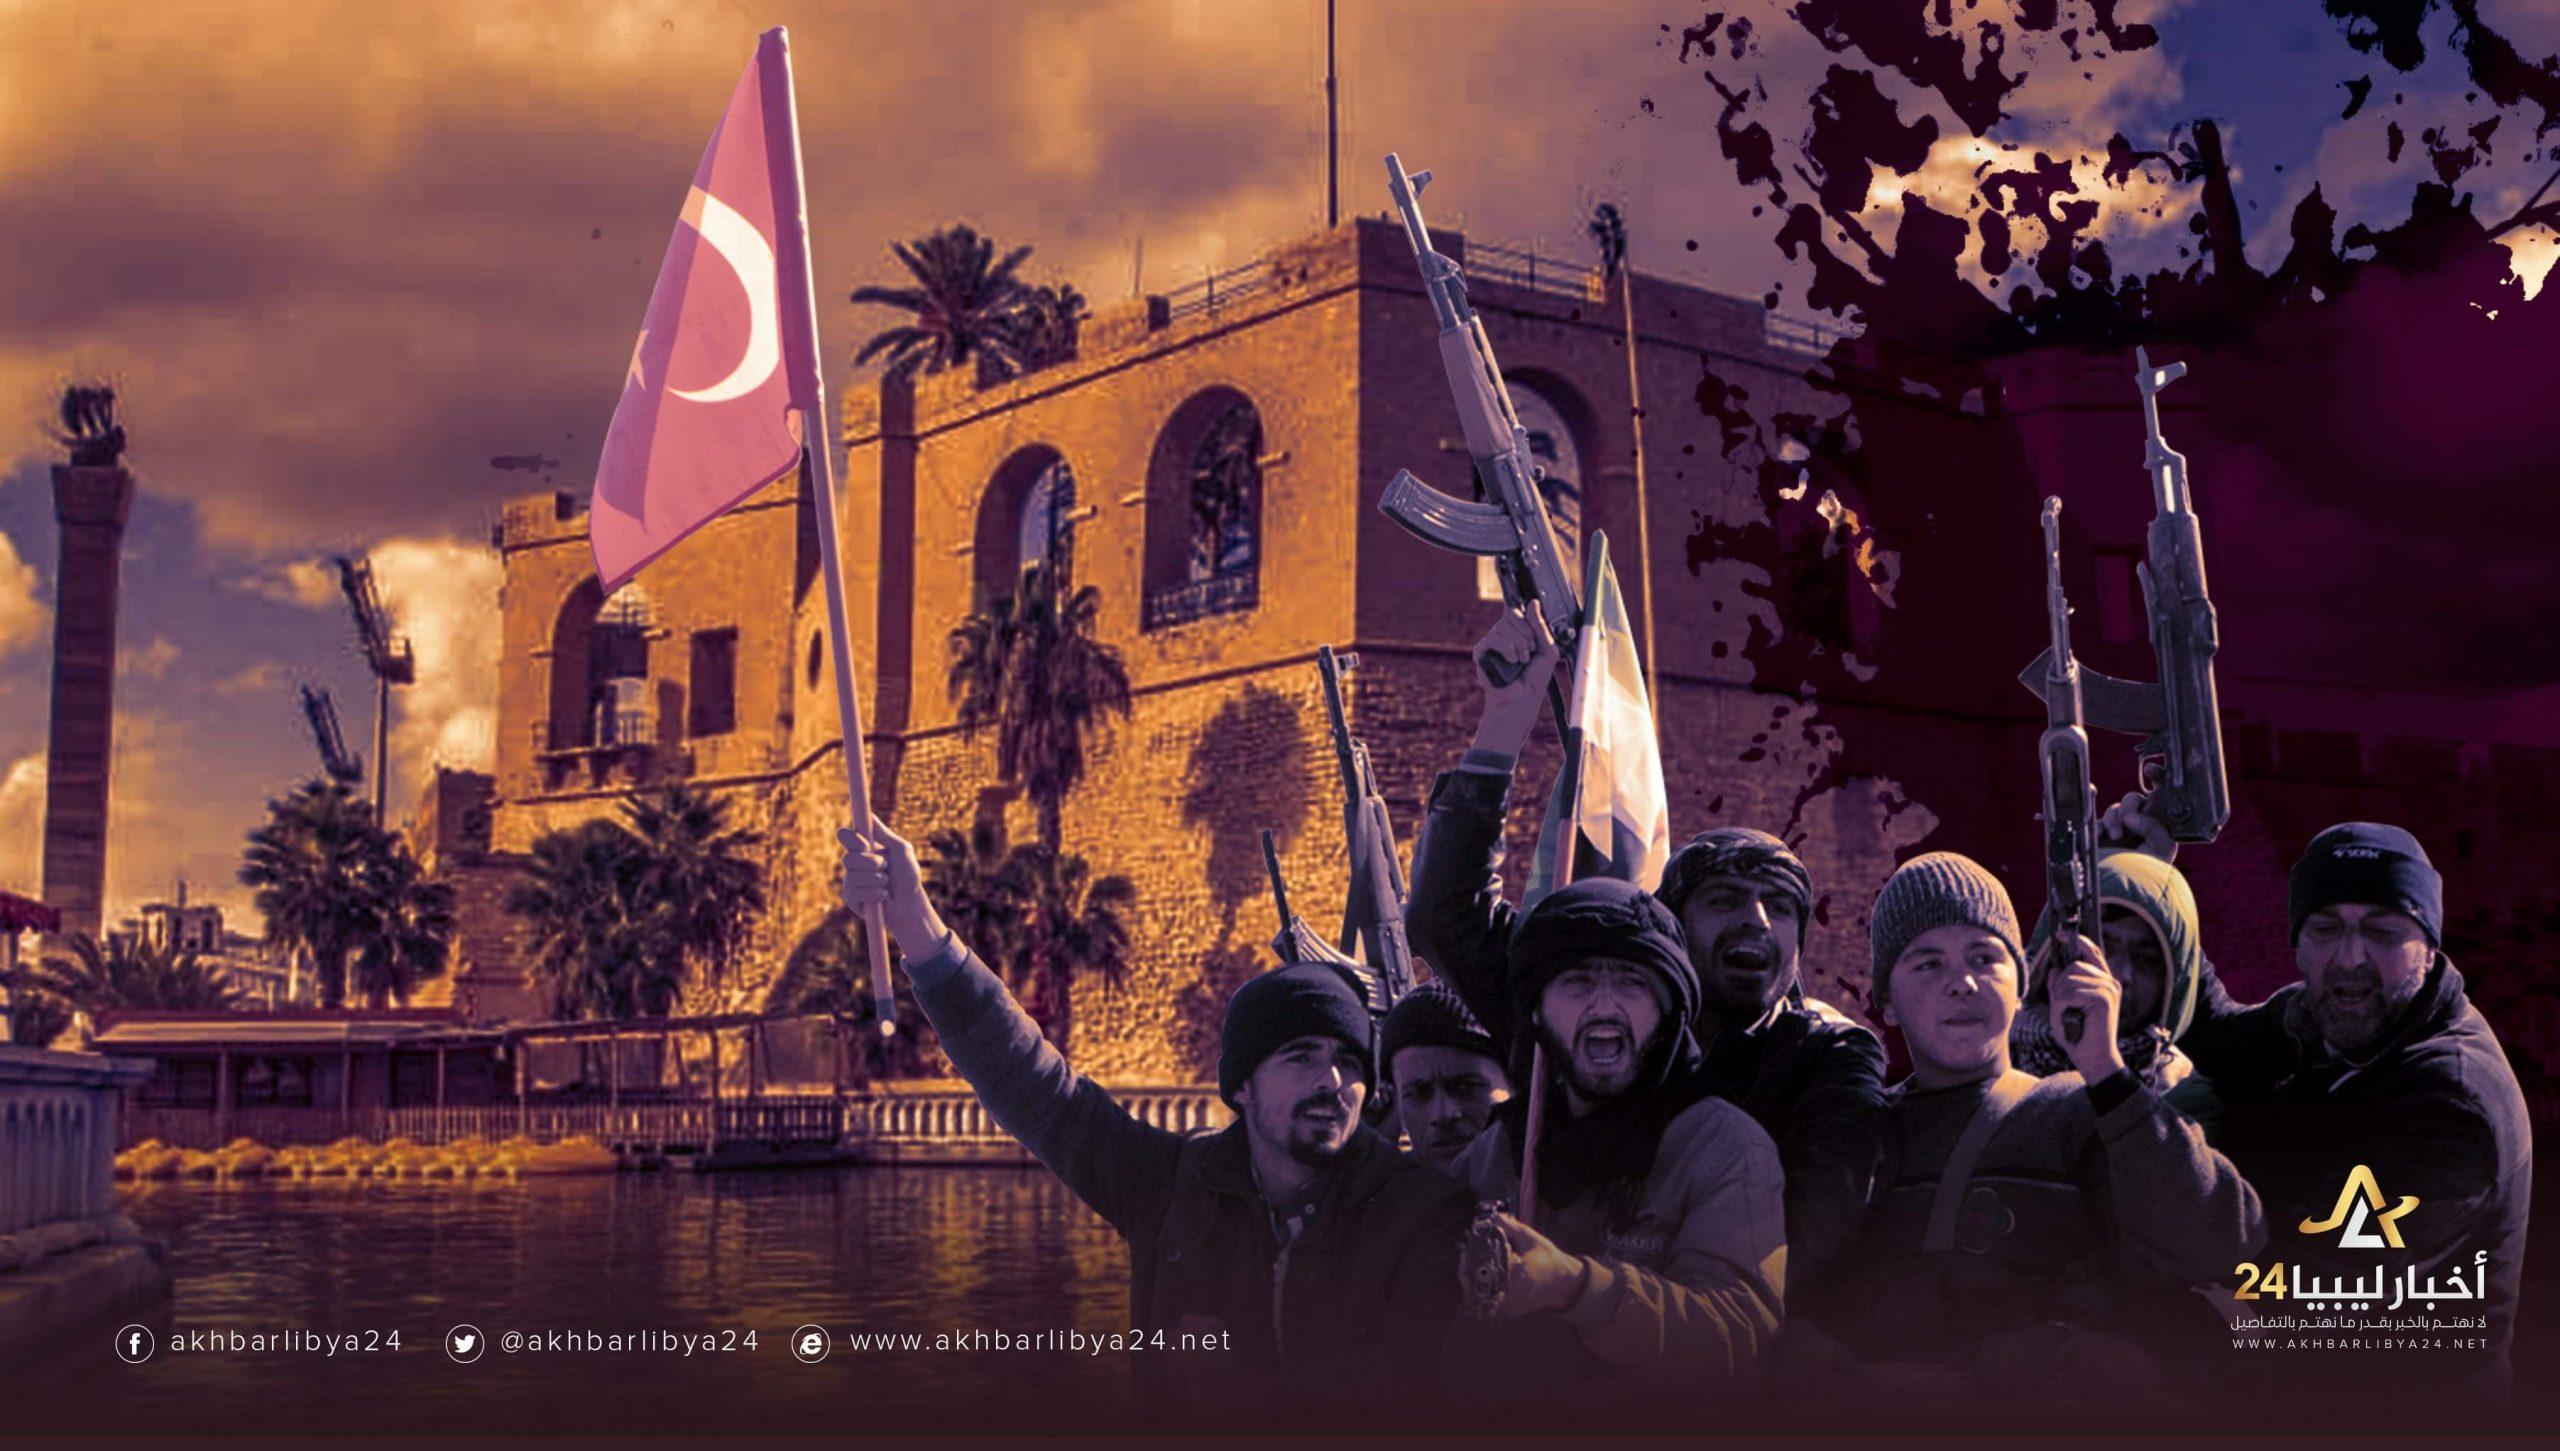 صورة بعد انسحاب الجيش الليبي حفاظا على المدنيين وحل الأزمة سلميا.. الإرهاب يهدد غرب ليبيا وأمنها واستقرارها مجددا